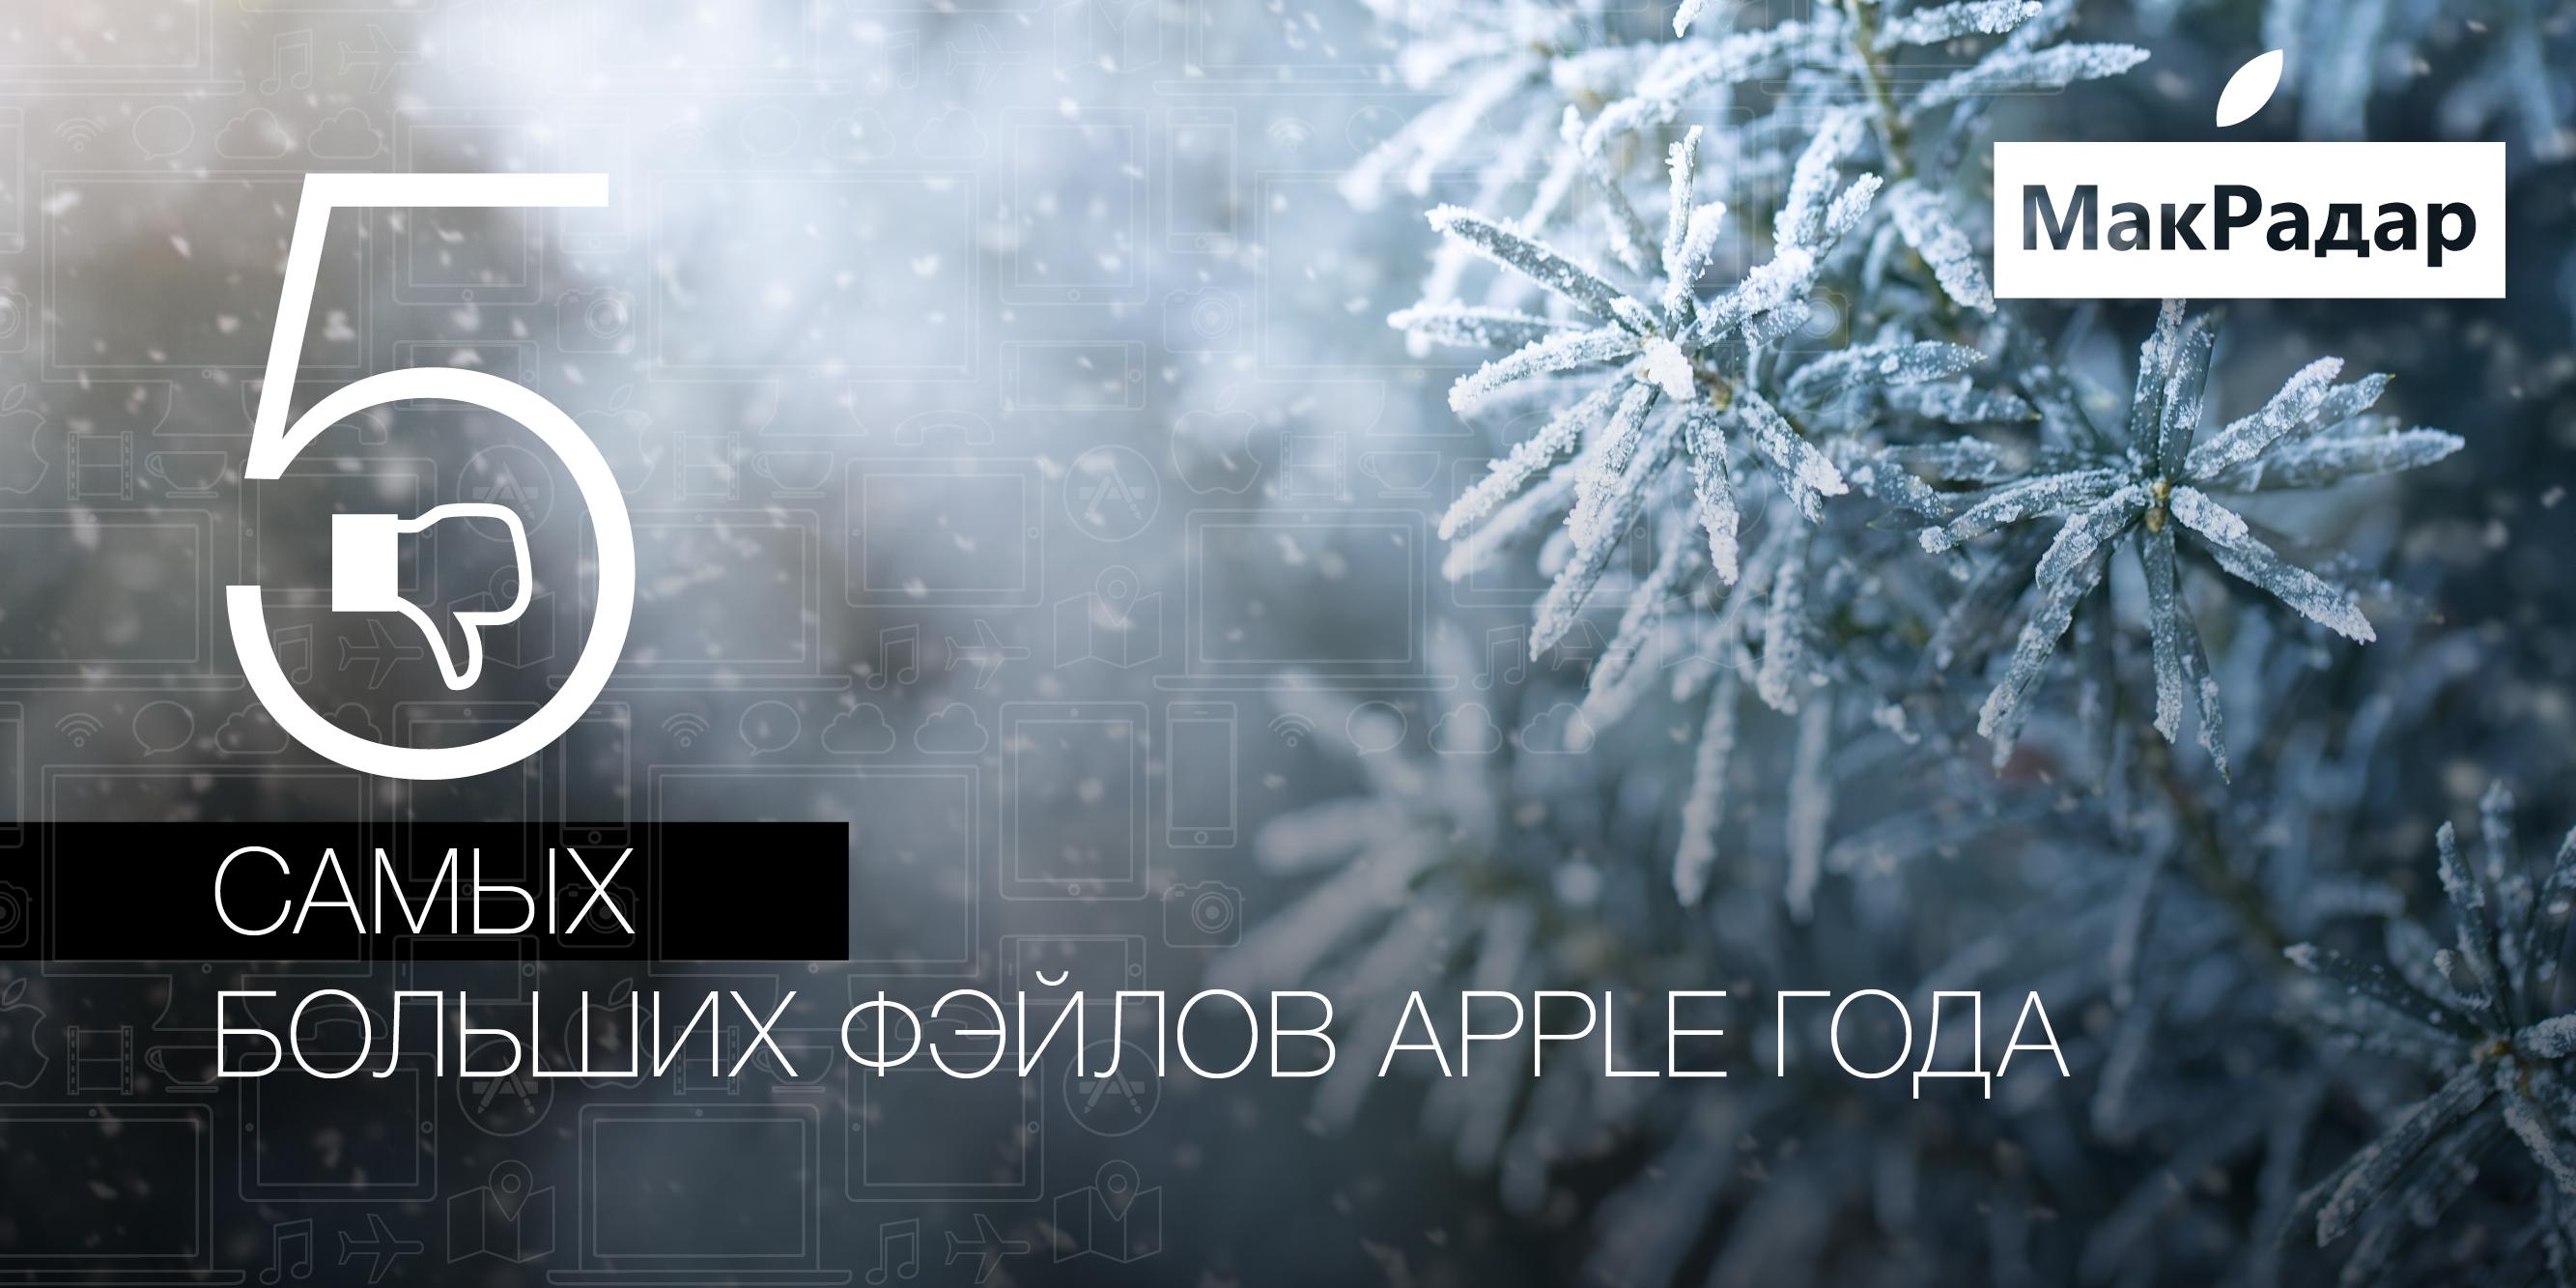 5 самых больших фэйлов Apple в 2014 году